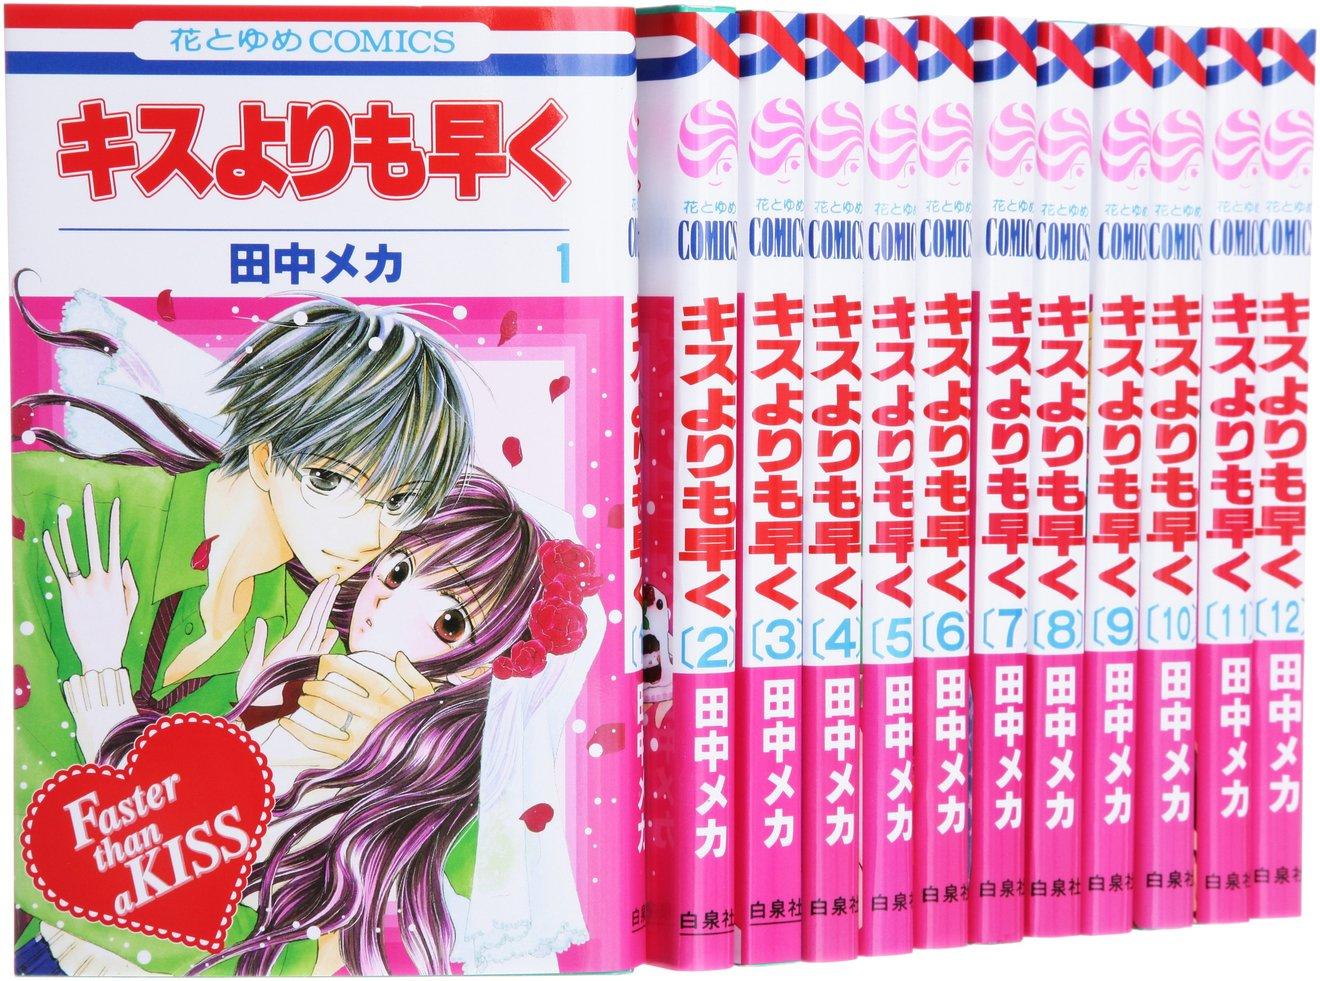 結婚からスタートするおすすめ恋愛漫画ランキングベスト5!